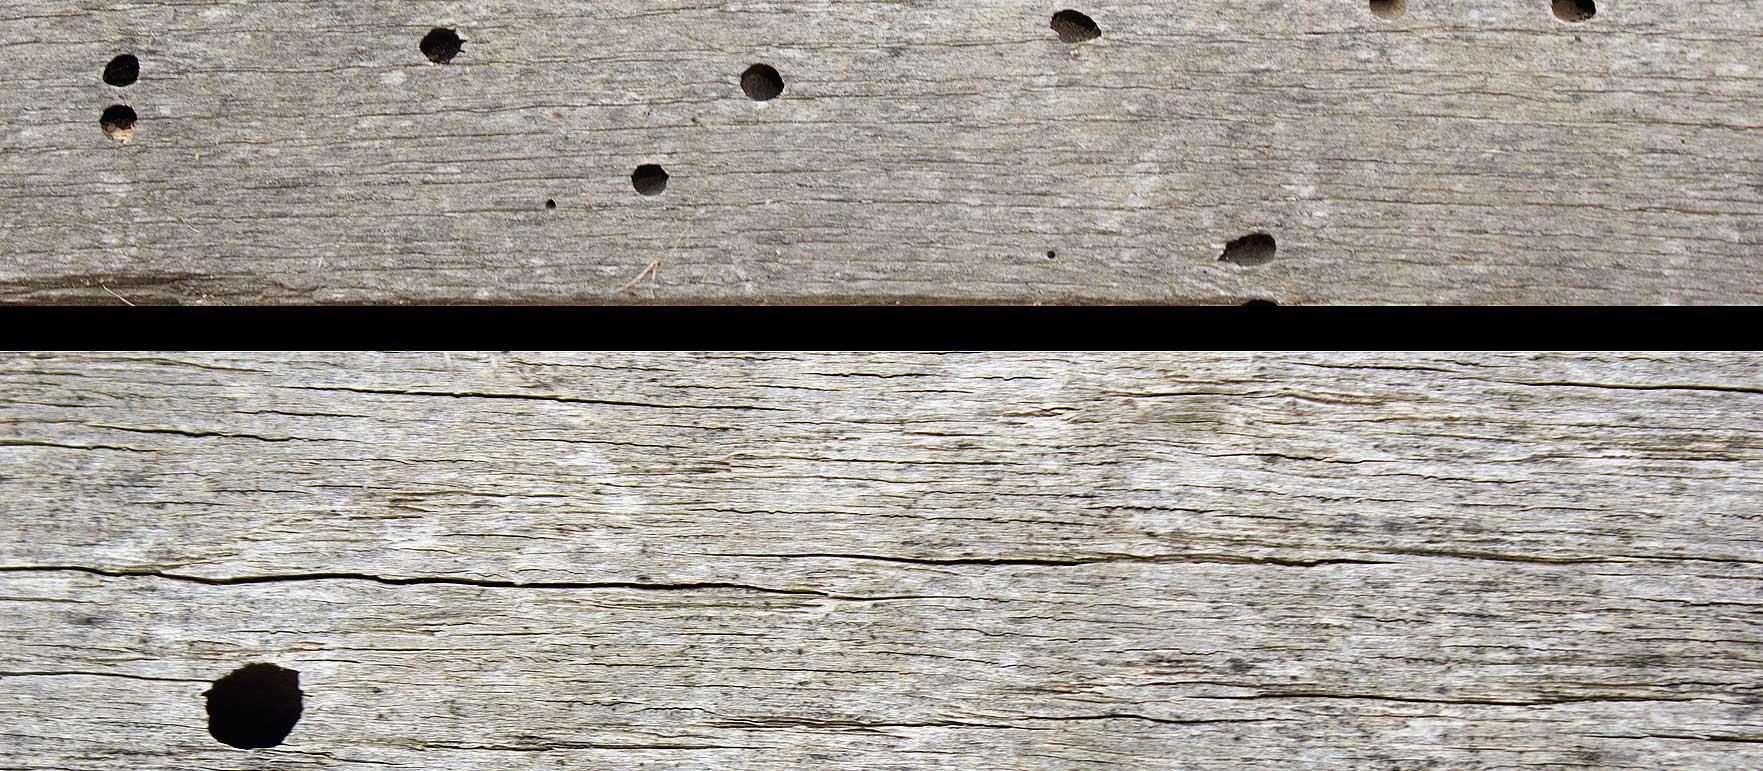 termite-fumigation-eradicvation-specialist-costa-blanca-termites-pest-control